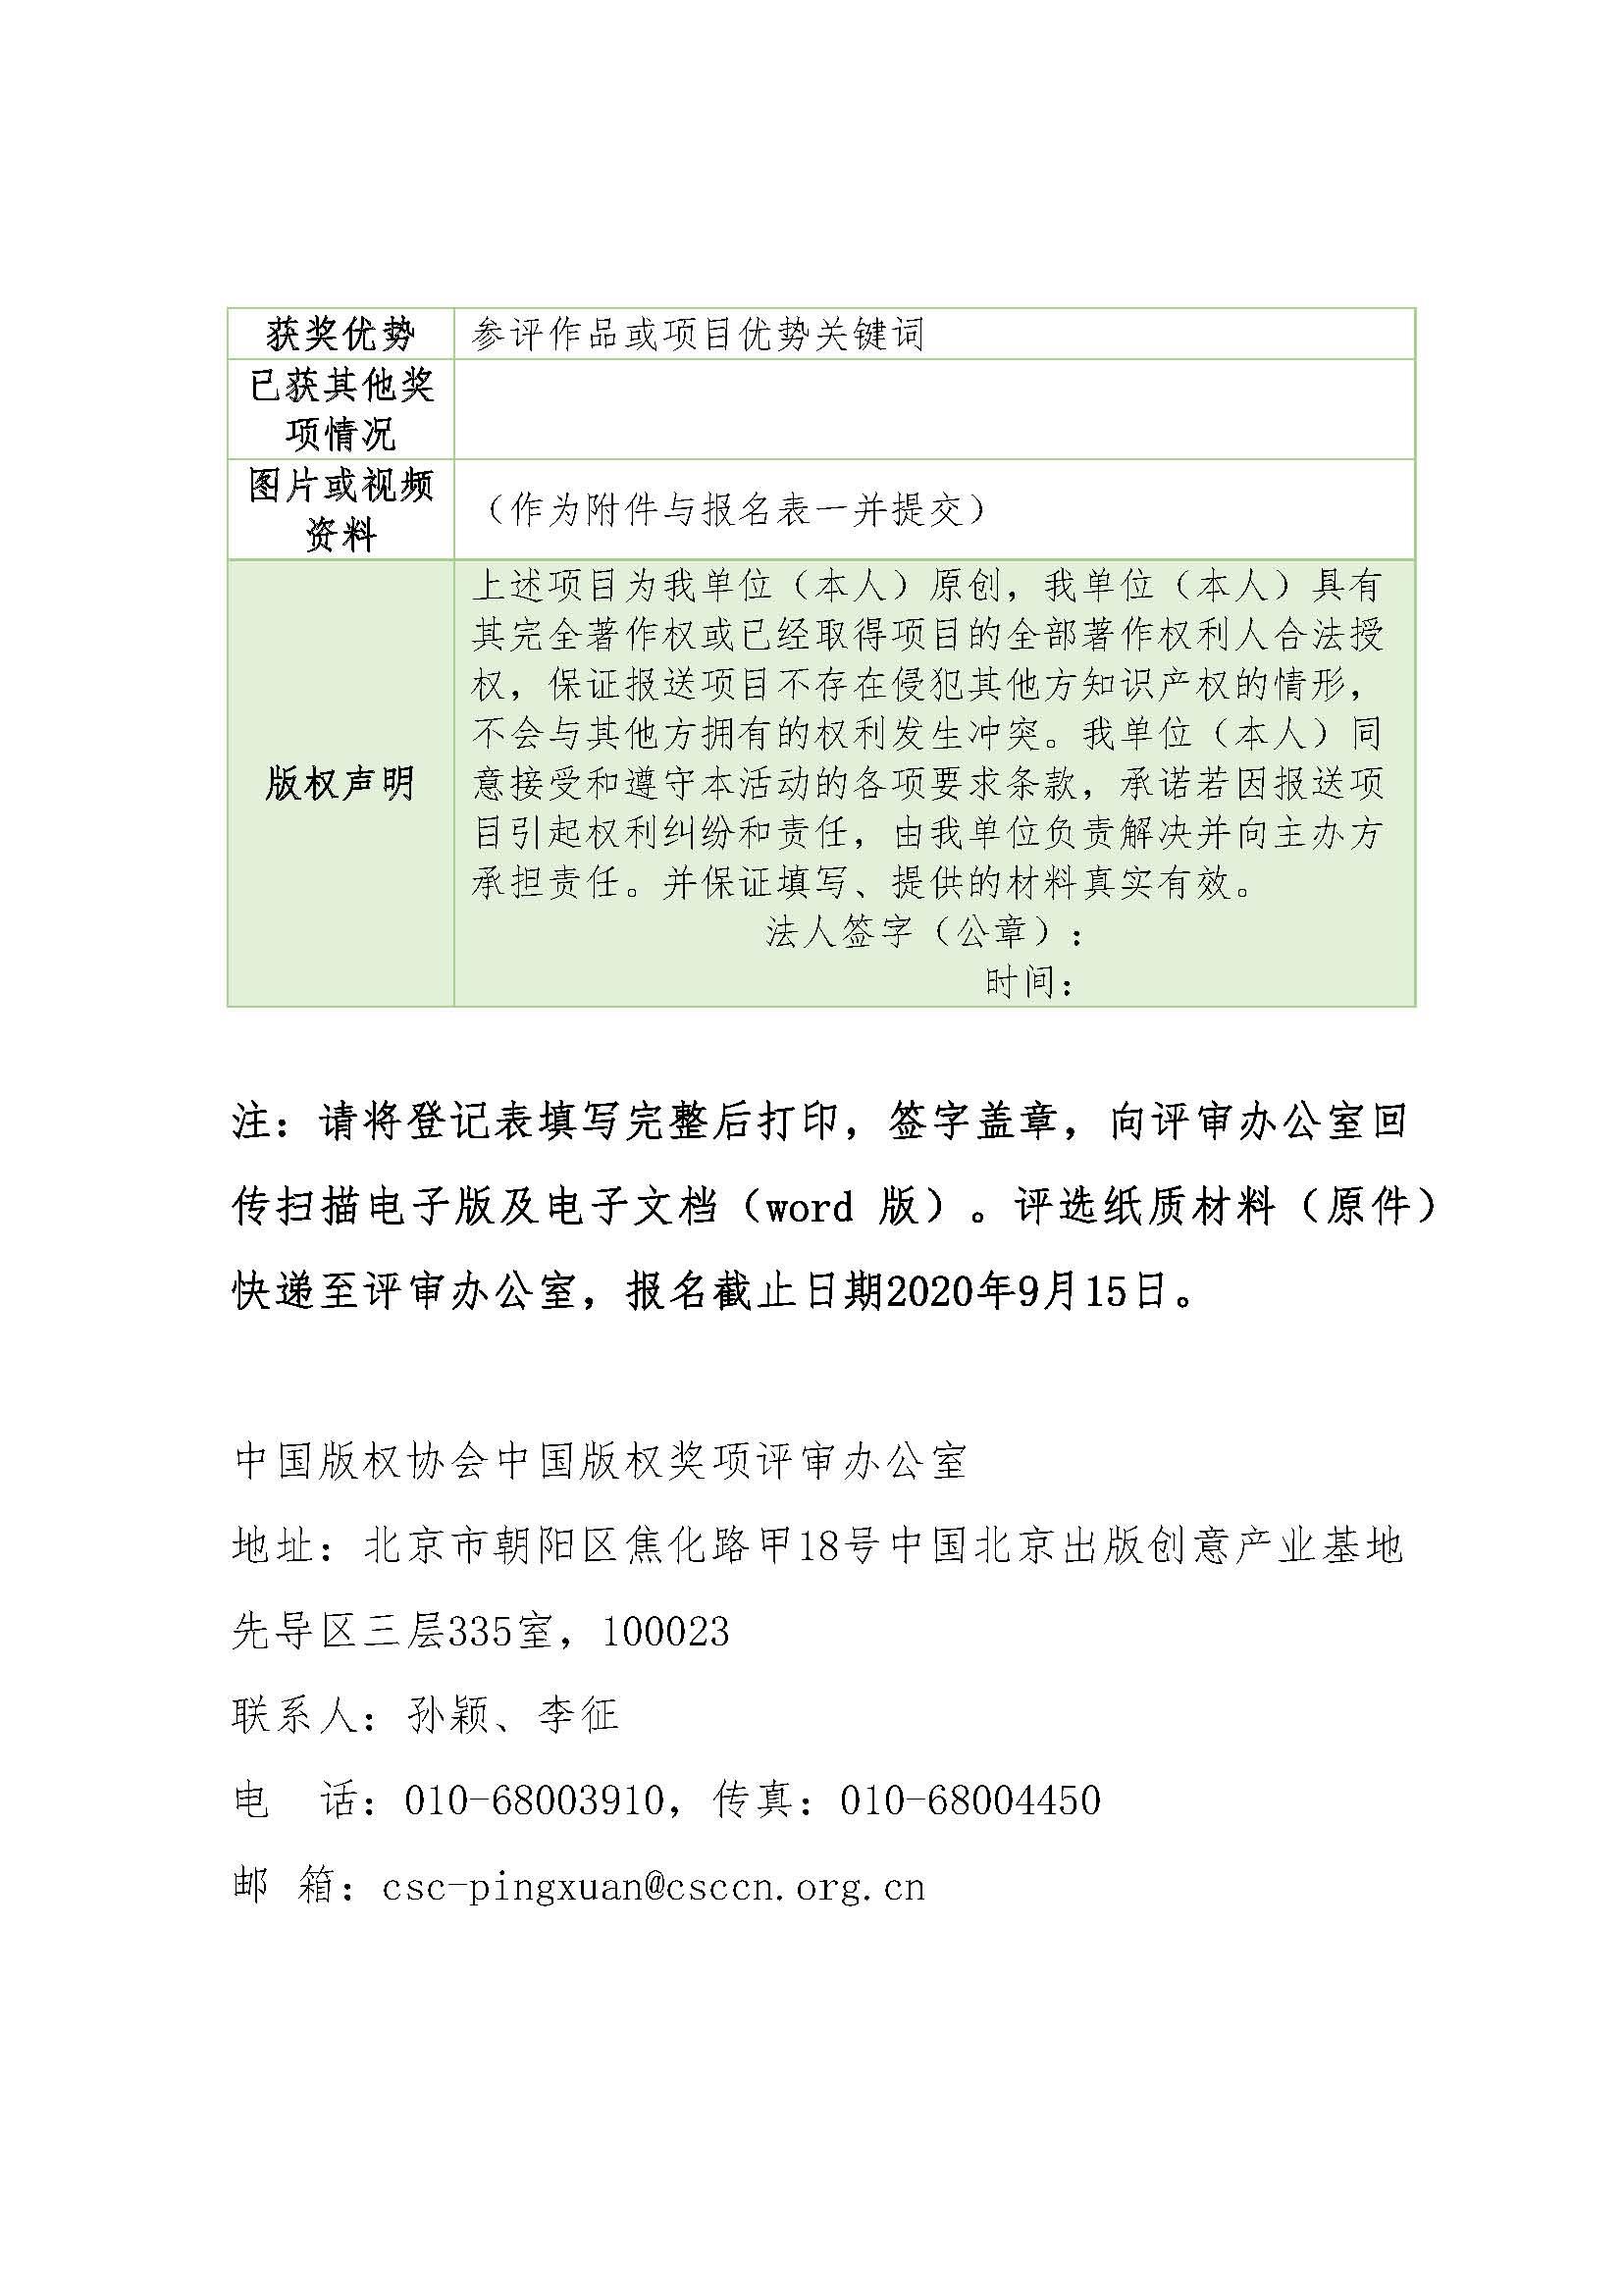 2020-08-11关于推荐和评选2020年中国版权奖项的通知-转发版_页面_8.jpg